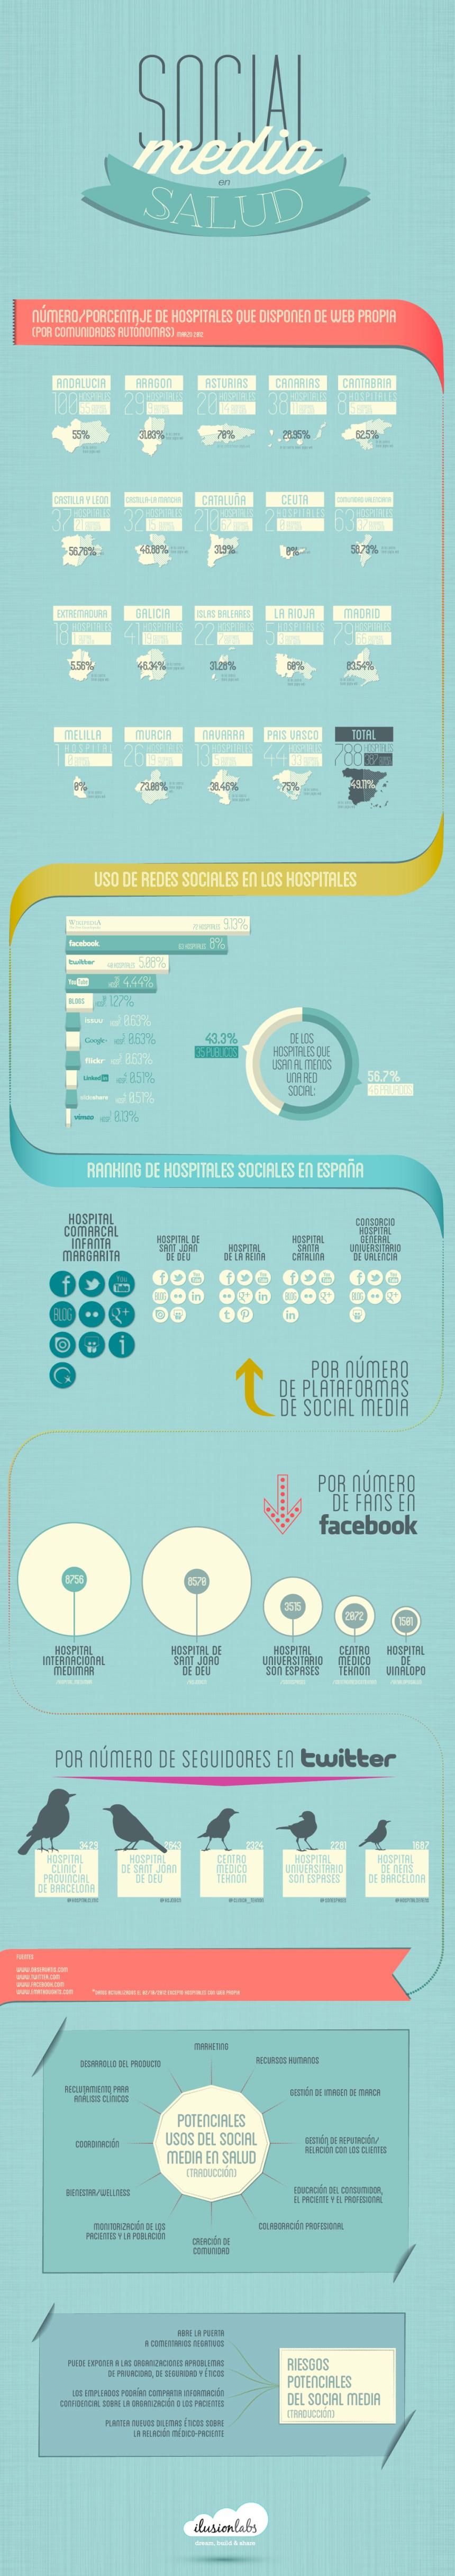 Social Media en salud en España